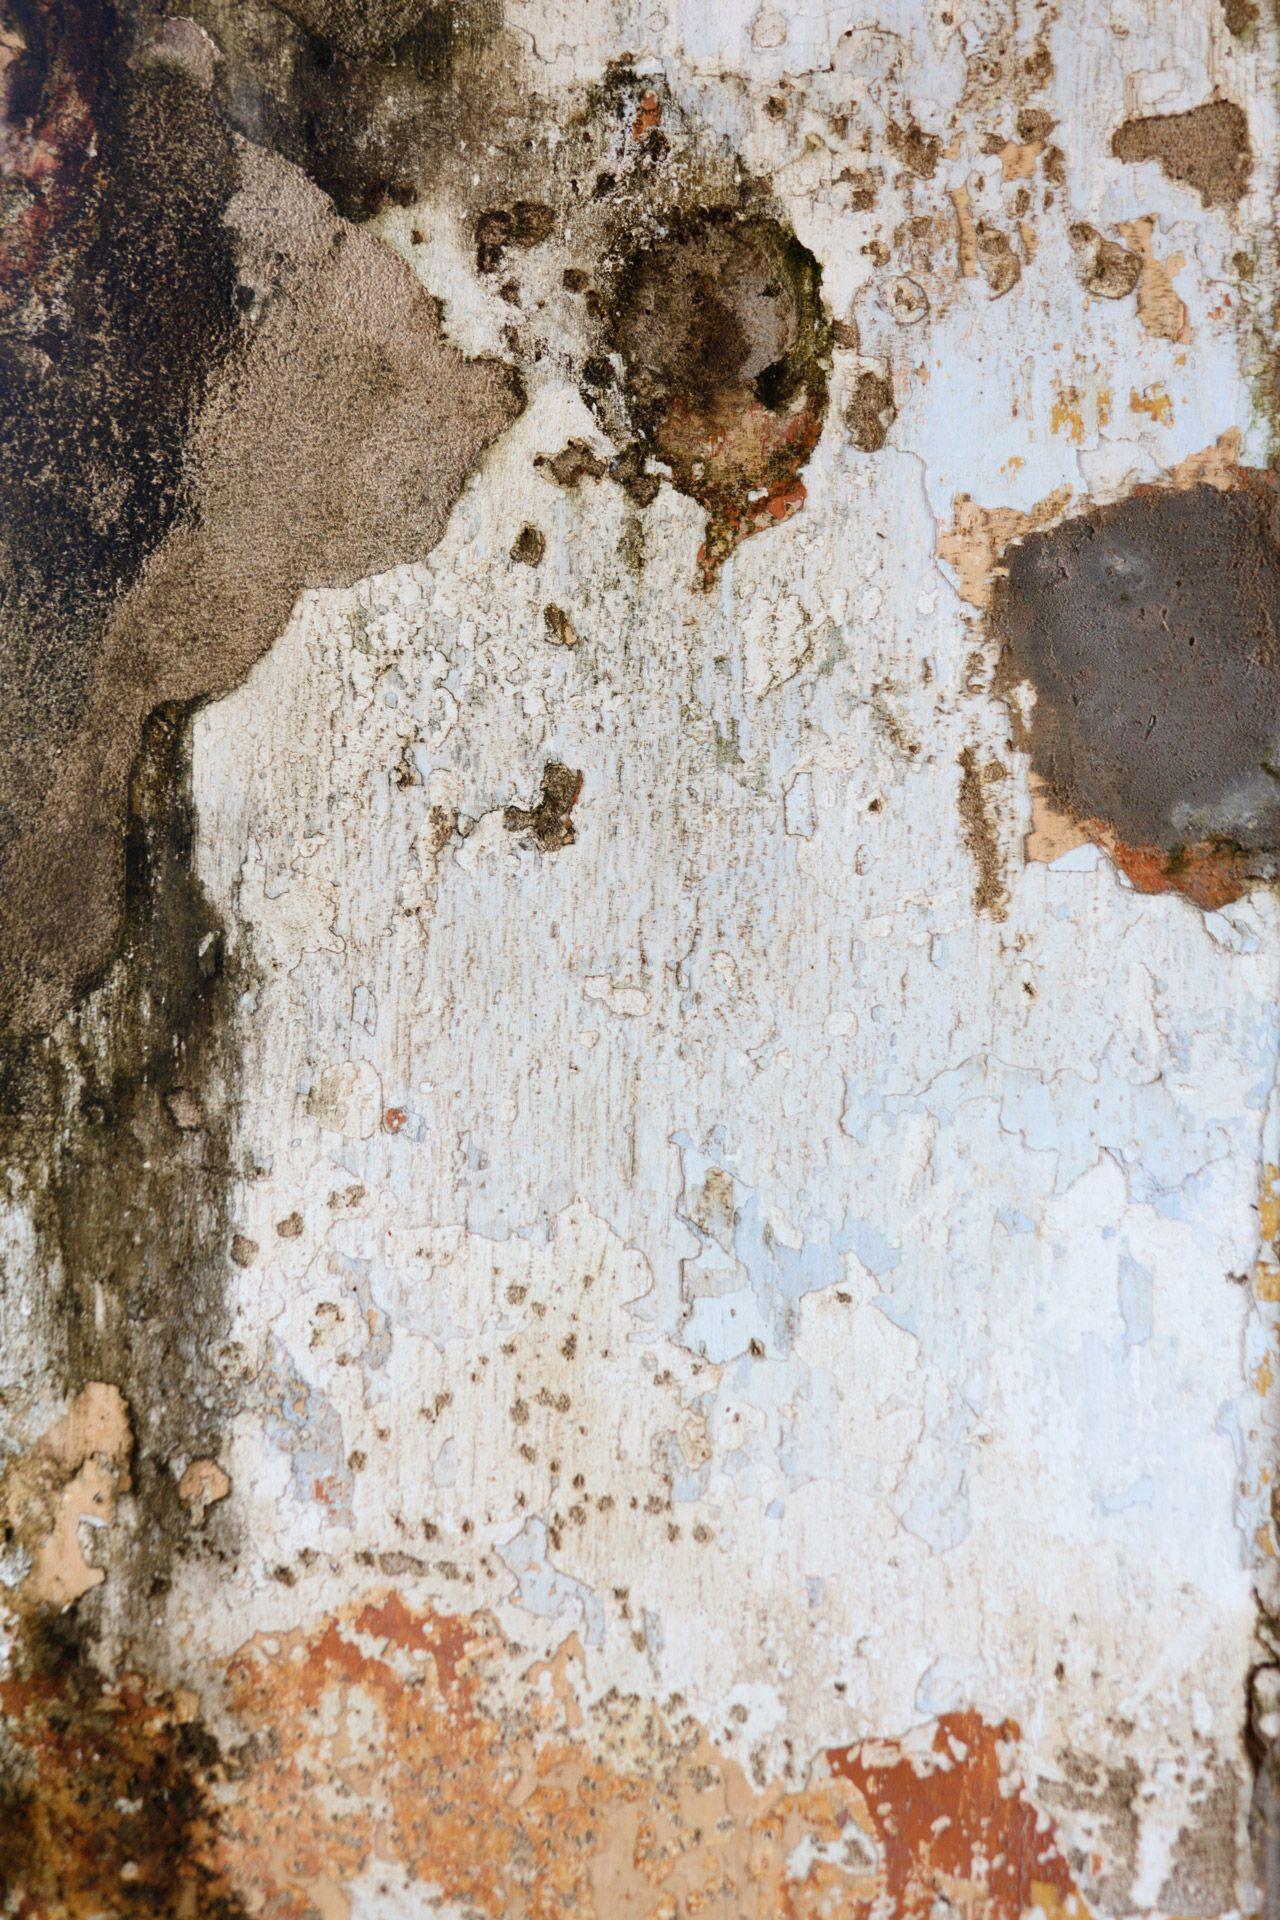 Ecco come rimuovere l'umidità dalle pareti con un semplice ...